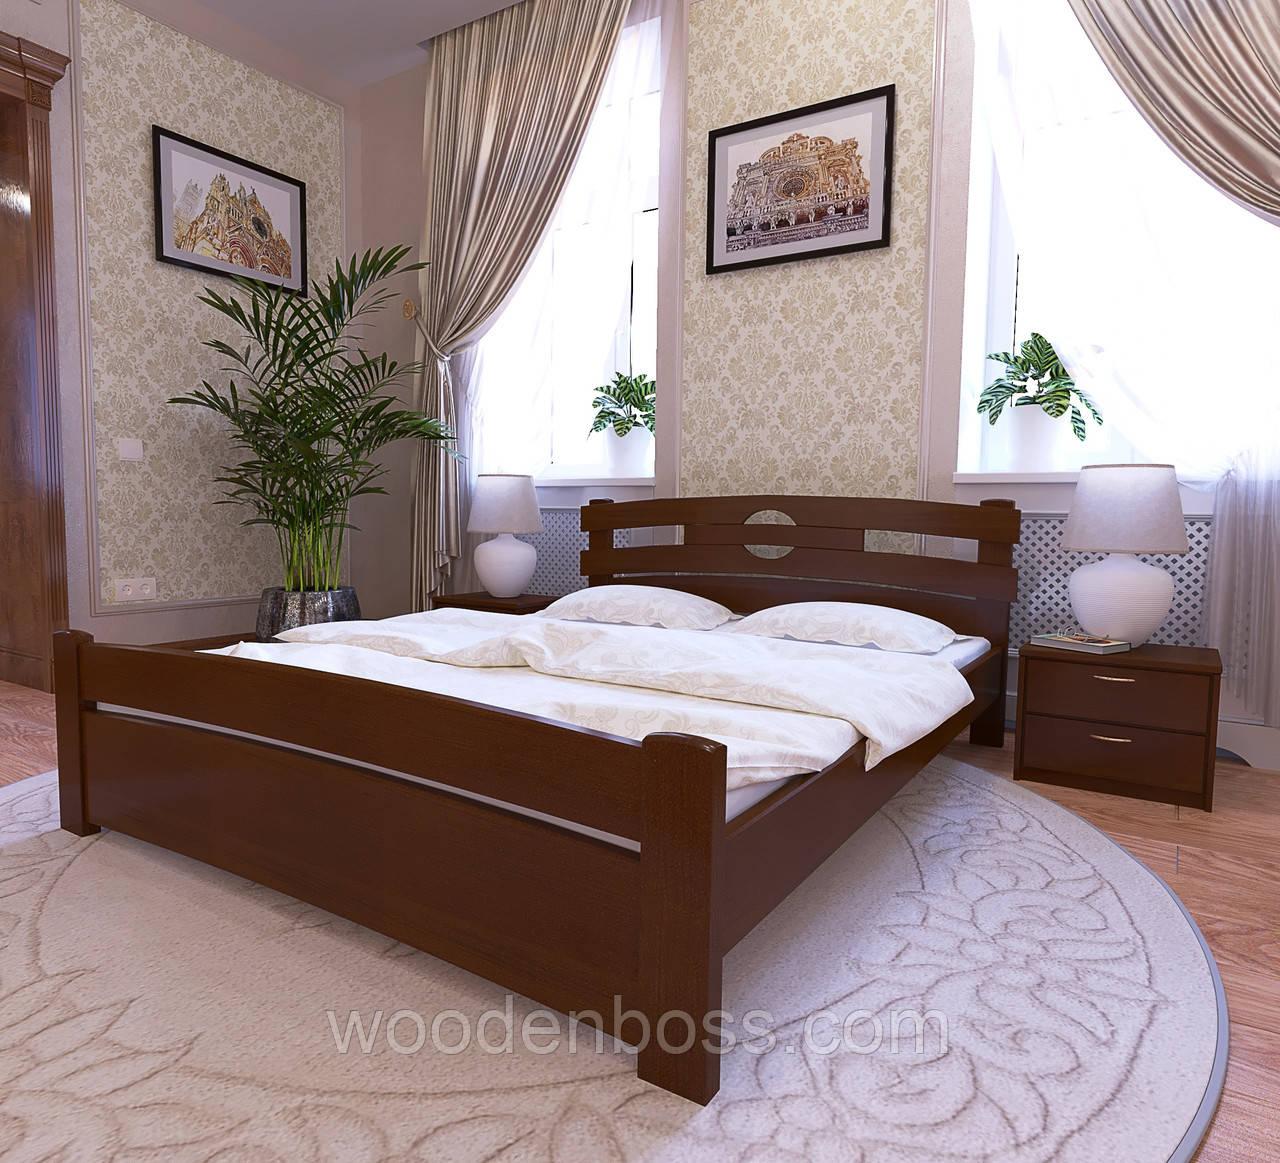 """Кровать двуспальная от """"Wooden Boss"""" Токио Люкс (спальное место 180х190/200)"""